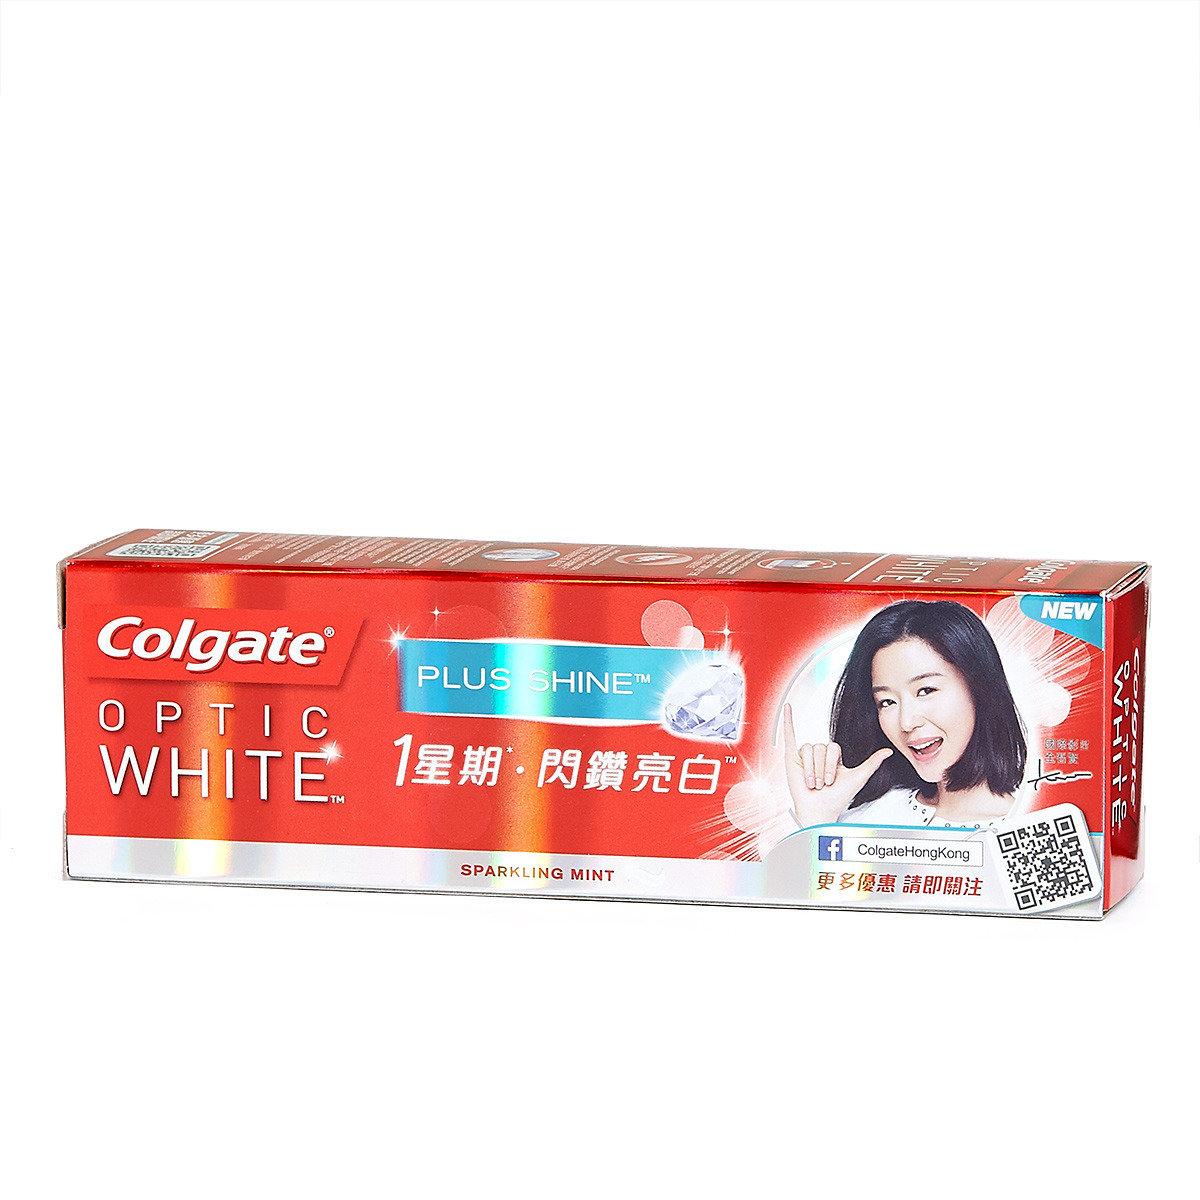 光感白閃鑽亮白牙膏